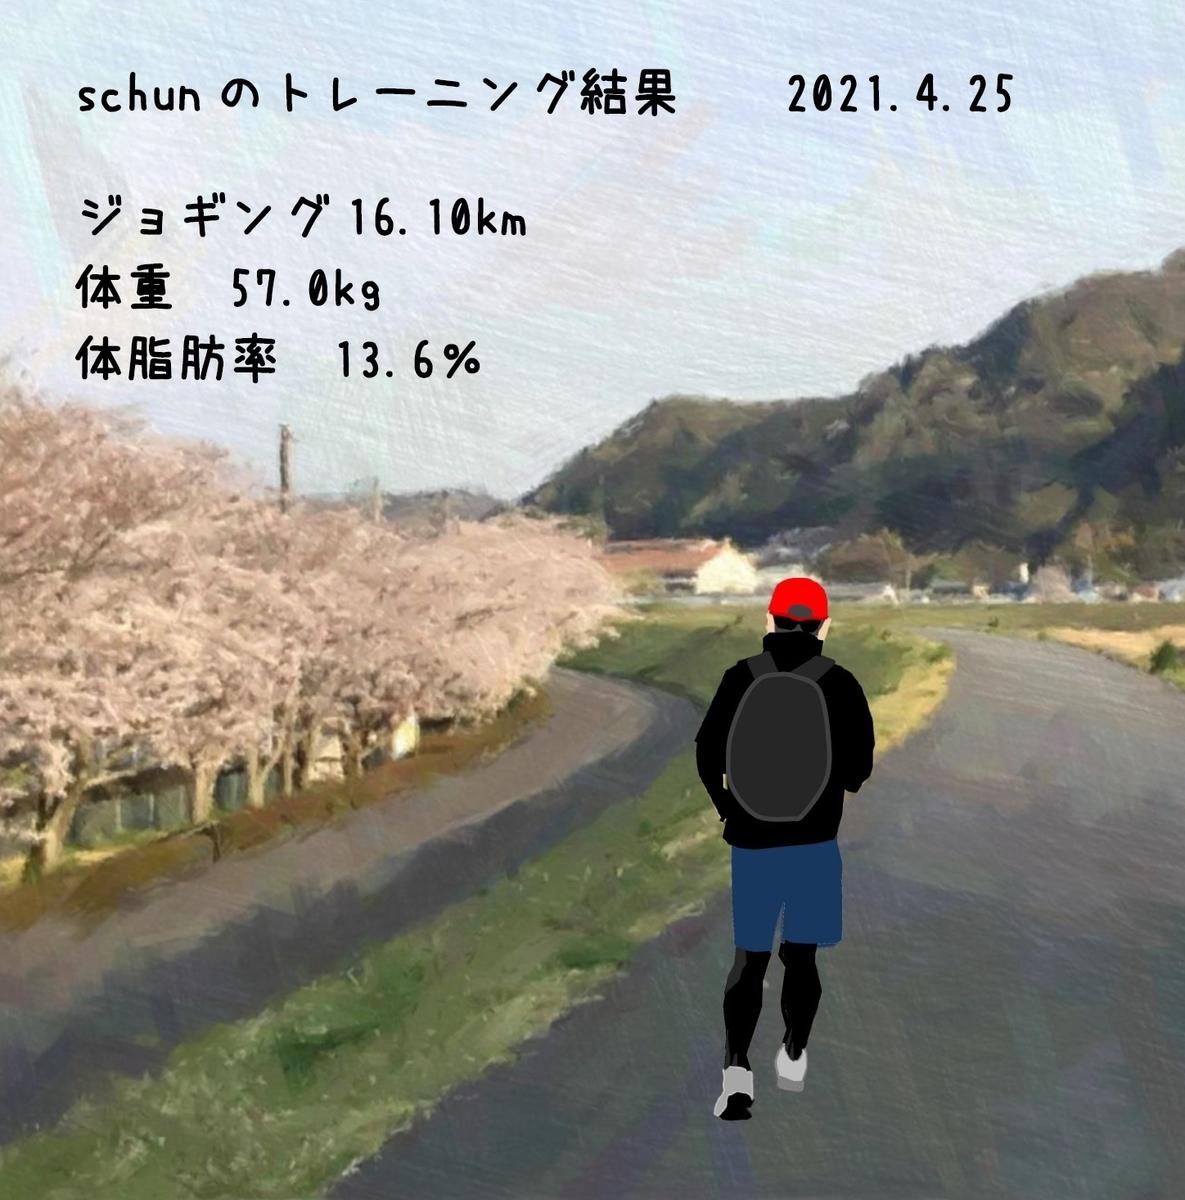 f:id:schunchi2007:20210425195059j:plain